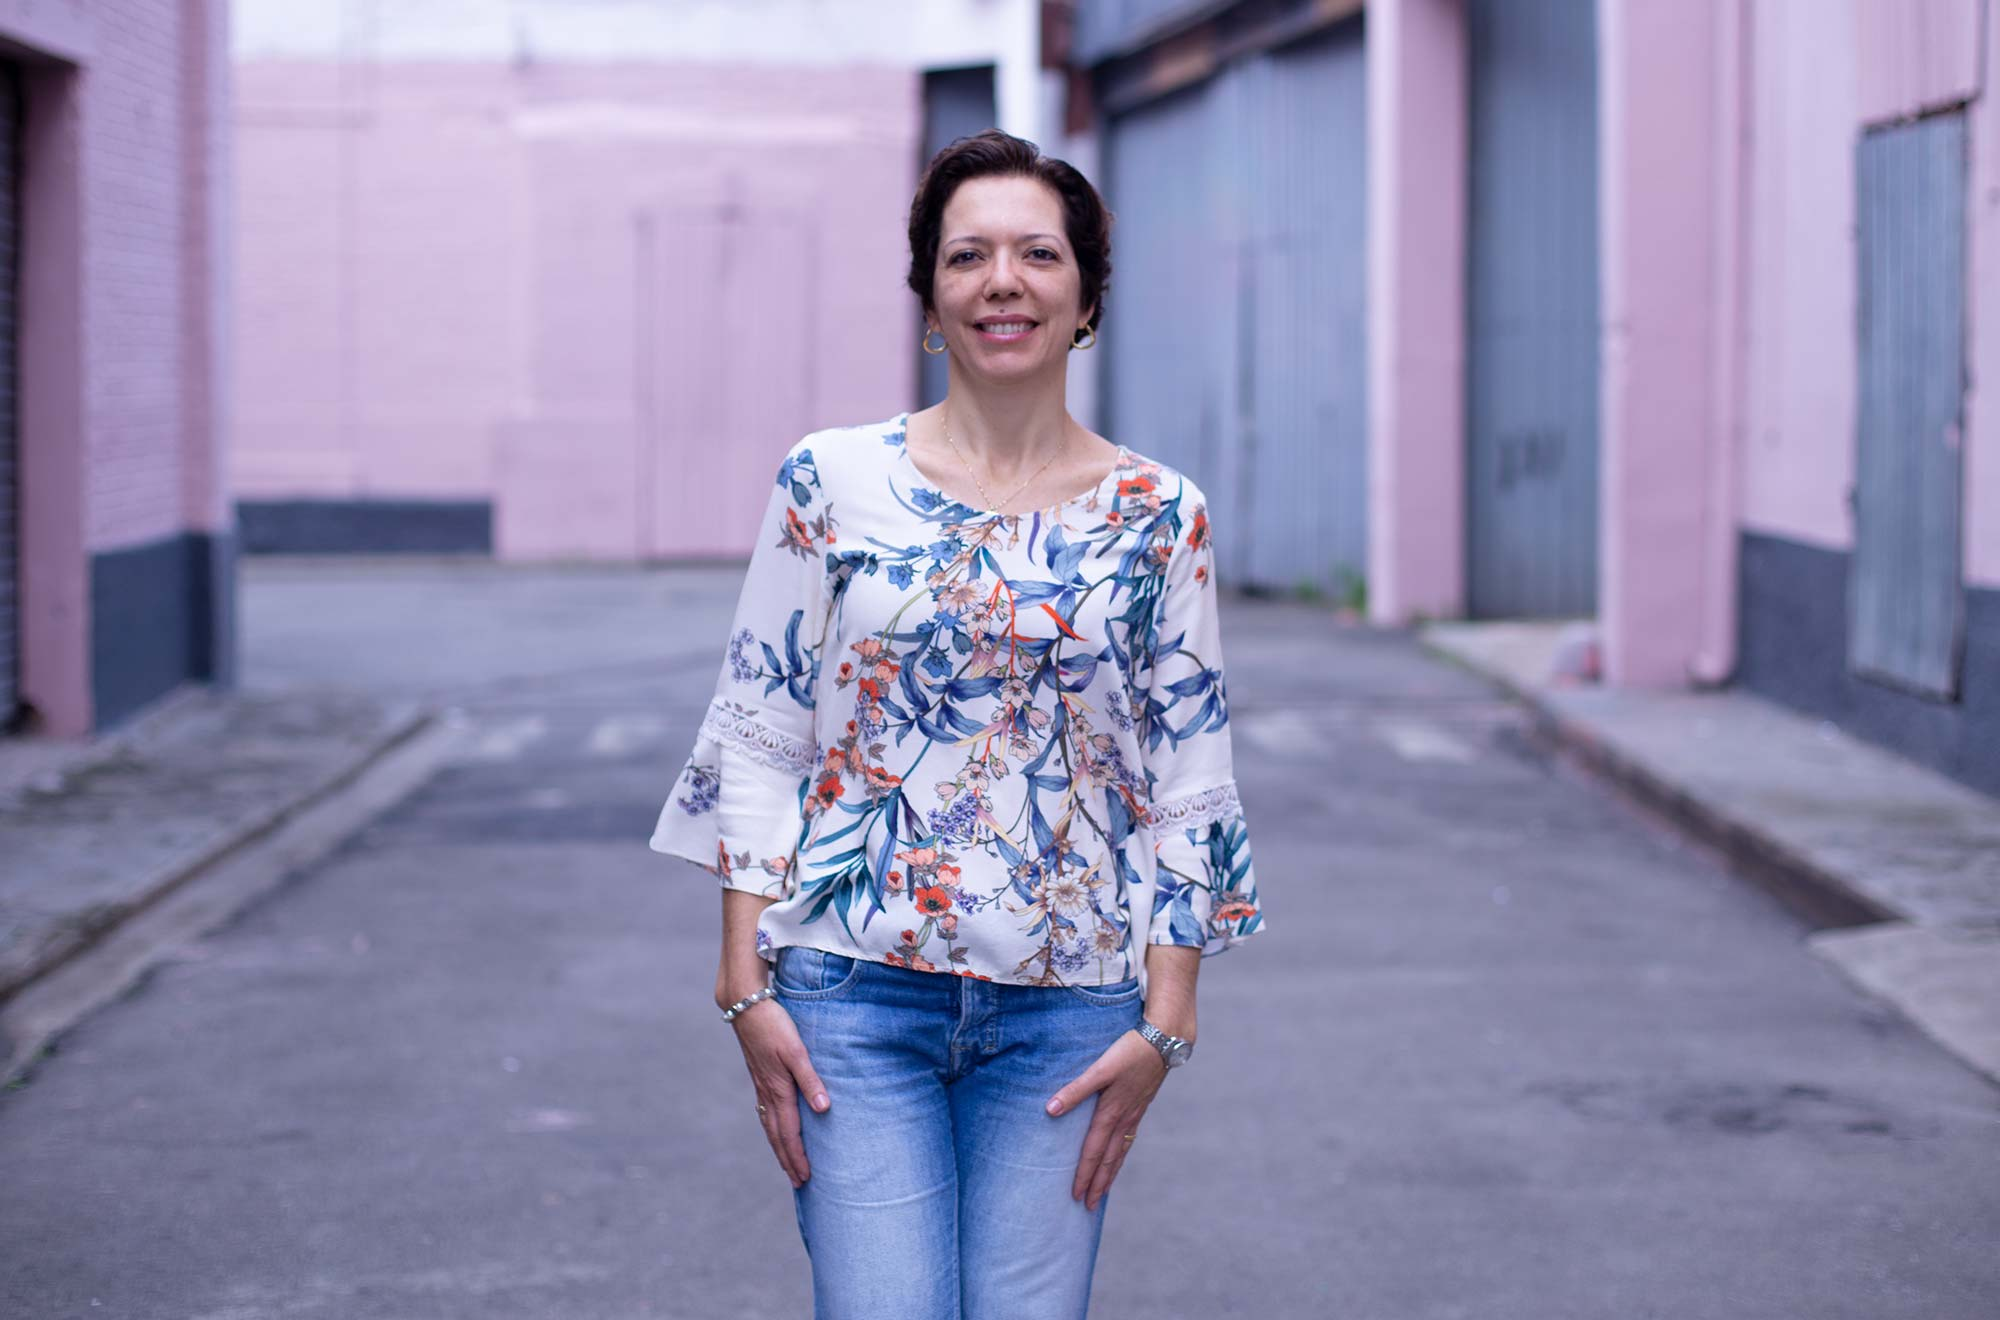 A advogada Iracy Tavares (Foto: Frank Abreu/Youse)